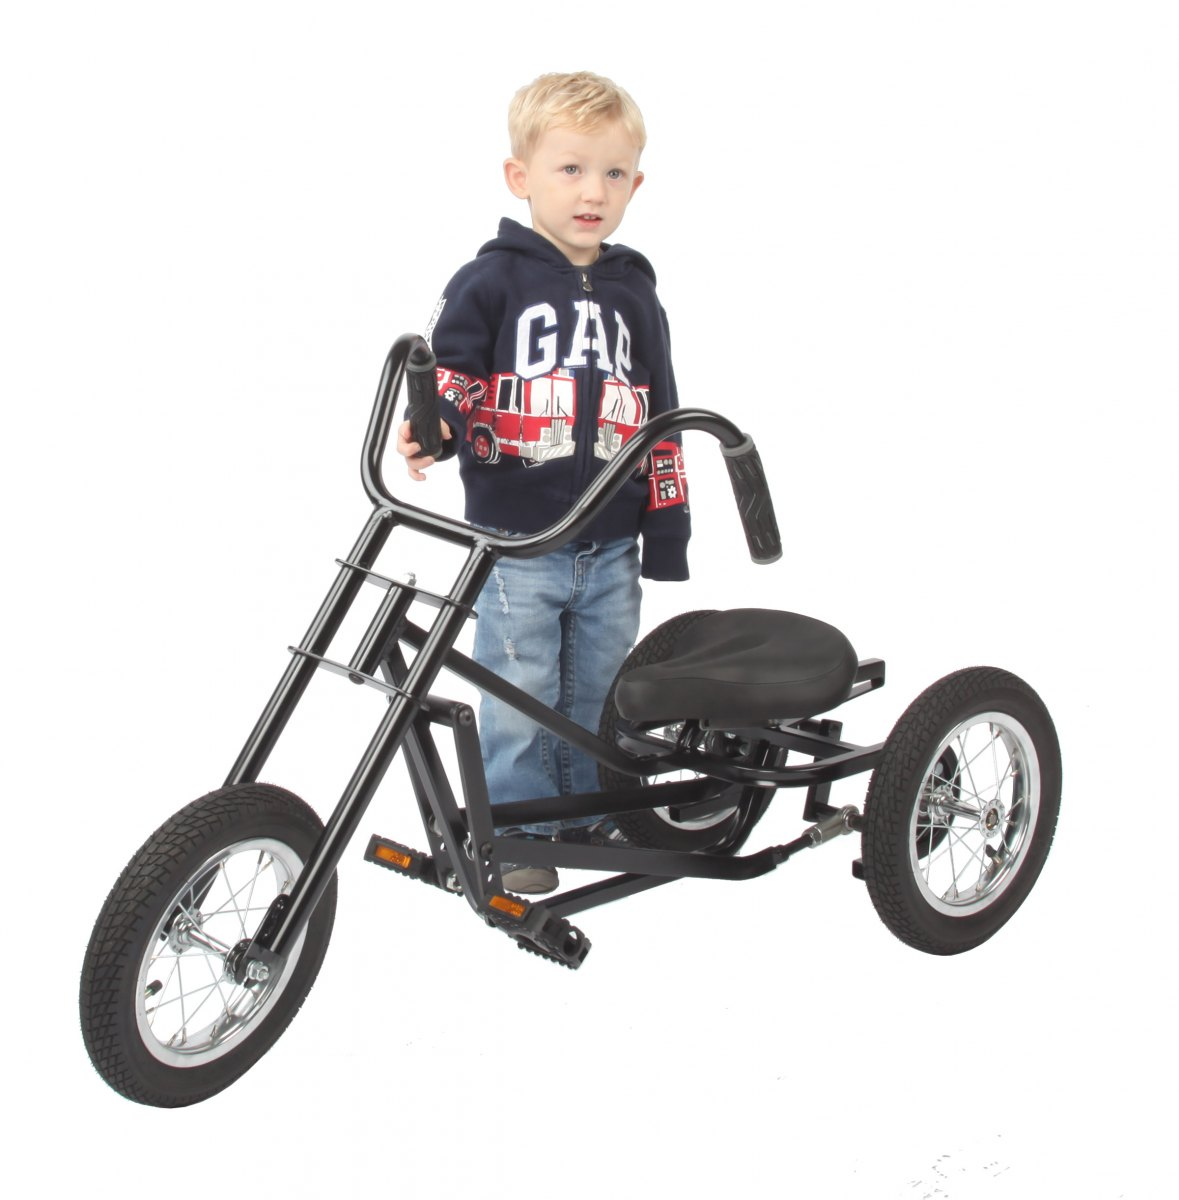 Elijah-Pedal-Bike-copy